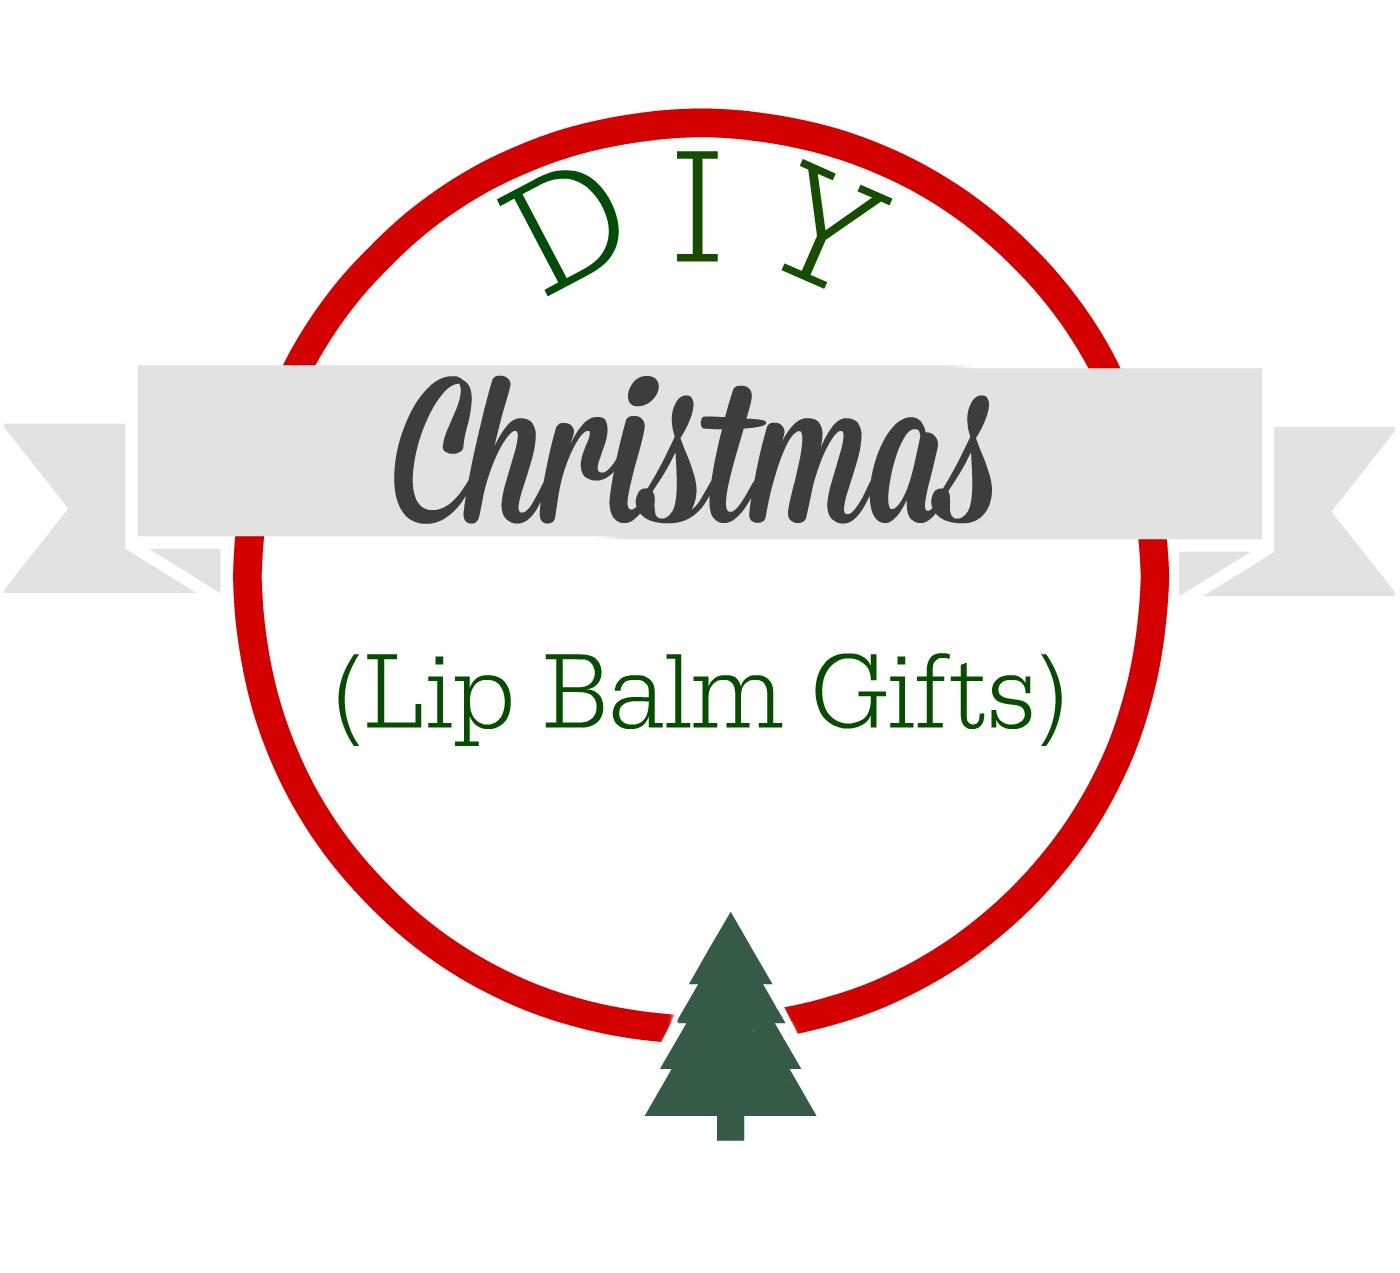 DIY Christmas Gifts: Make Your Own Lip Balm